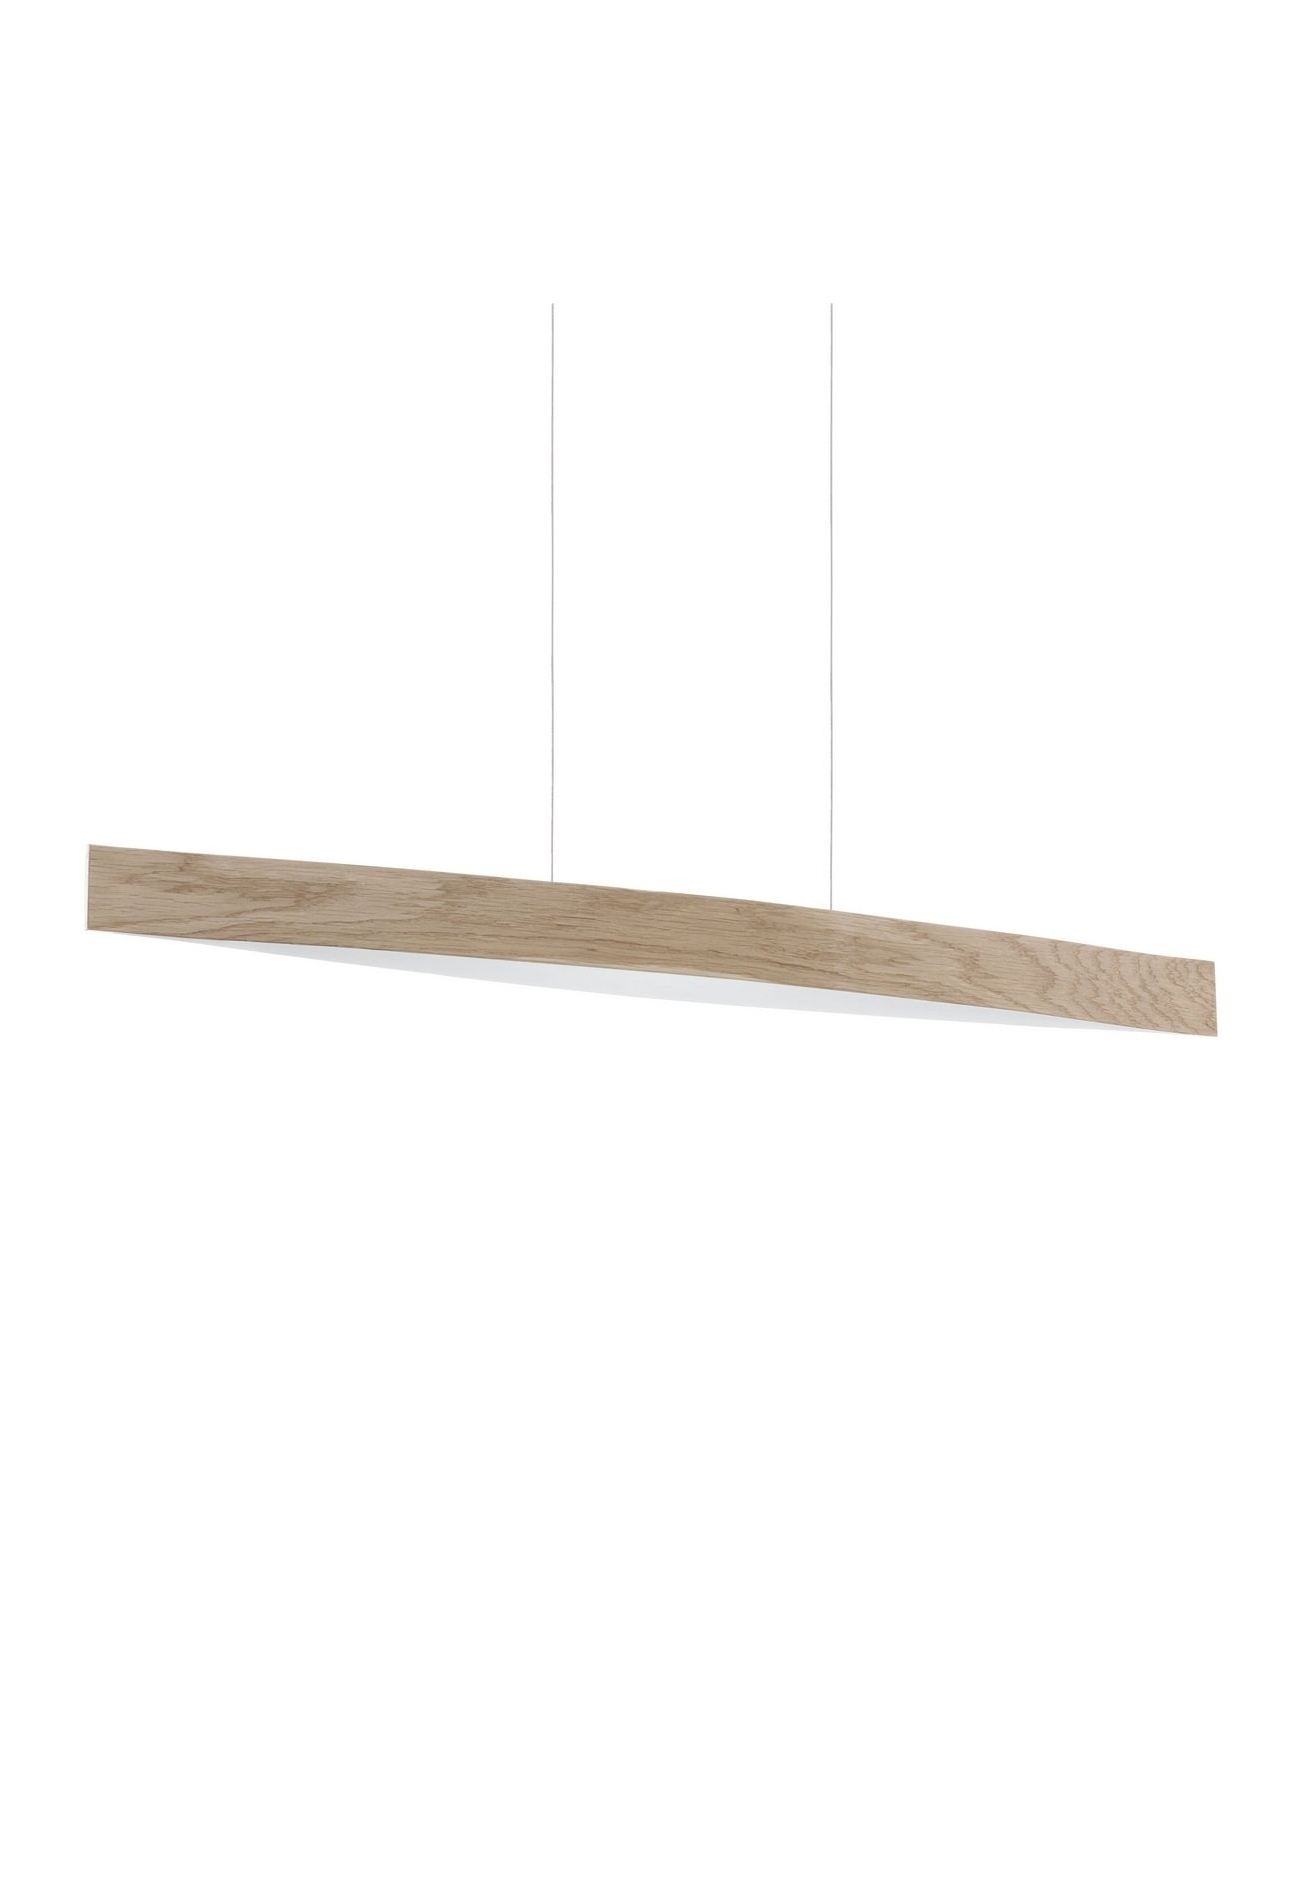 Slender Suspended Light Pendant In Wood Grain Design